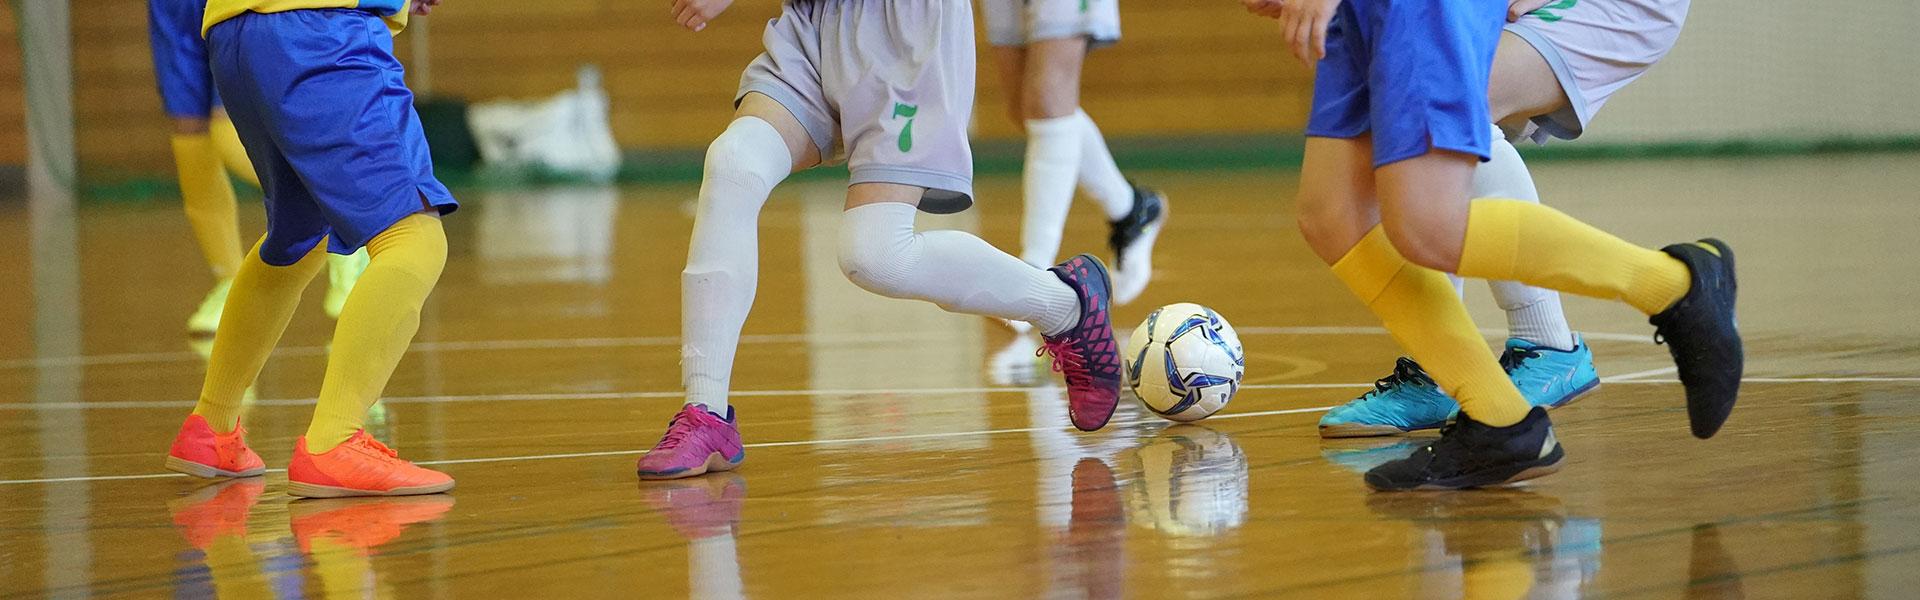 Großes Futsal-Turnier